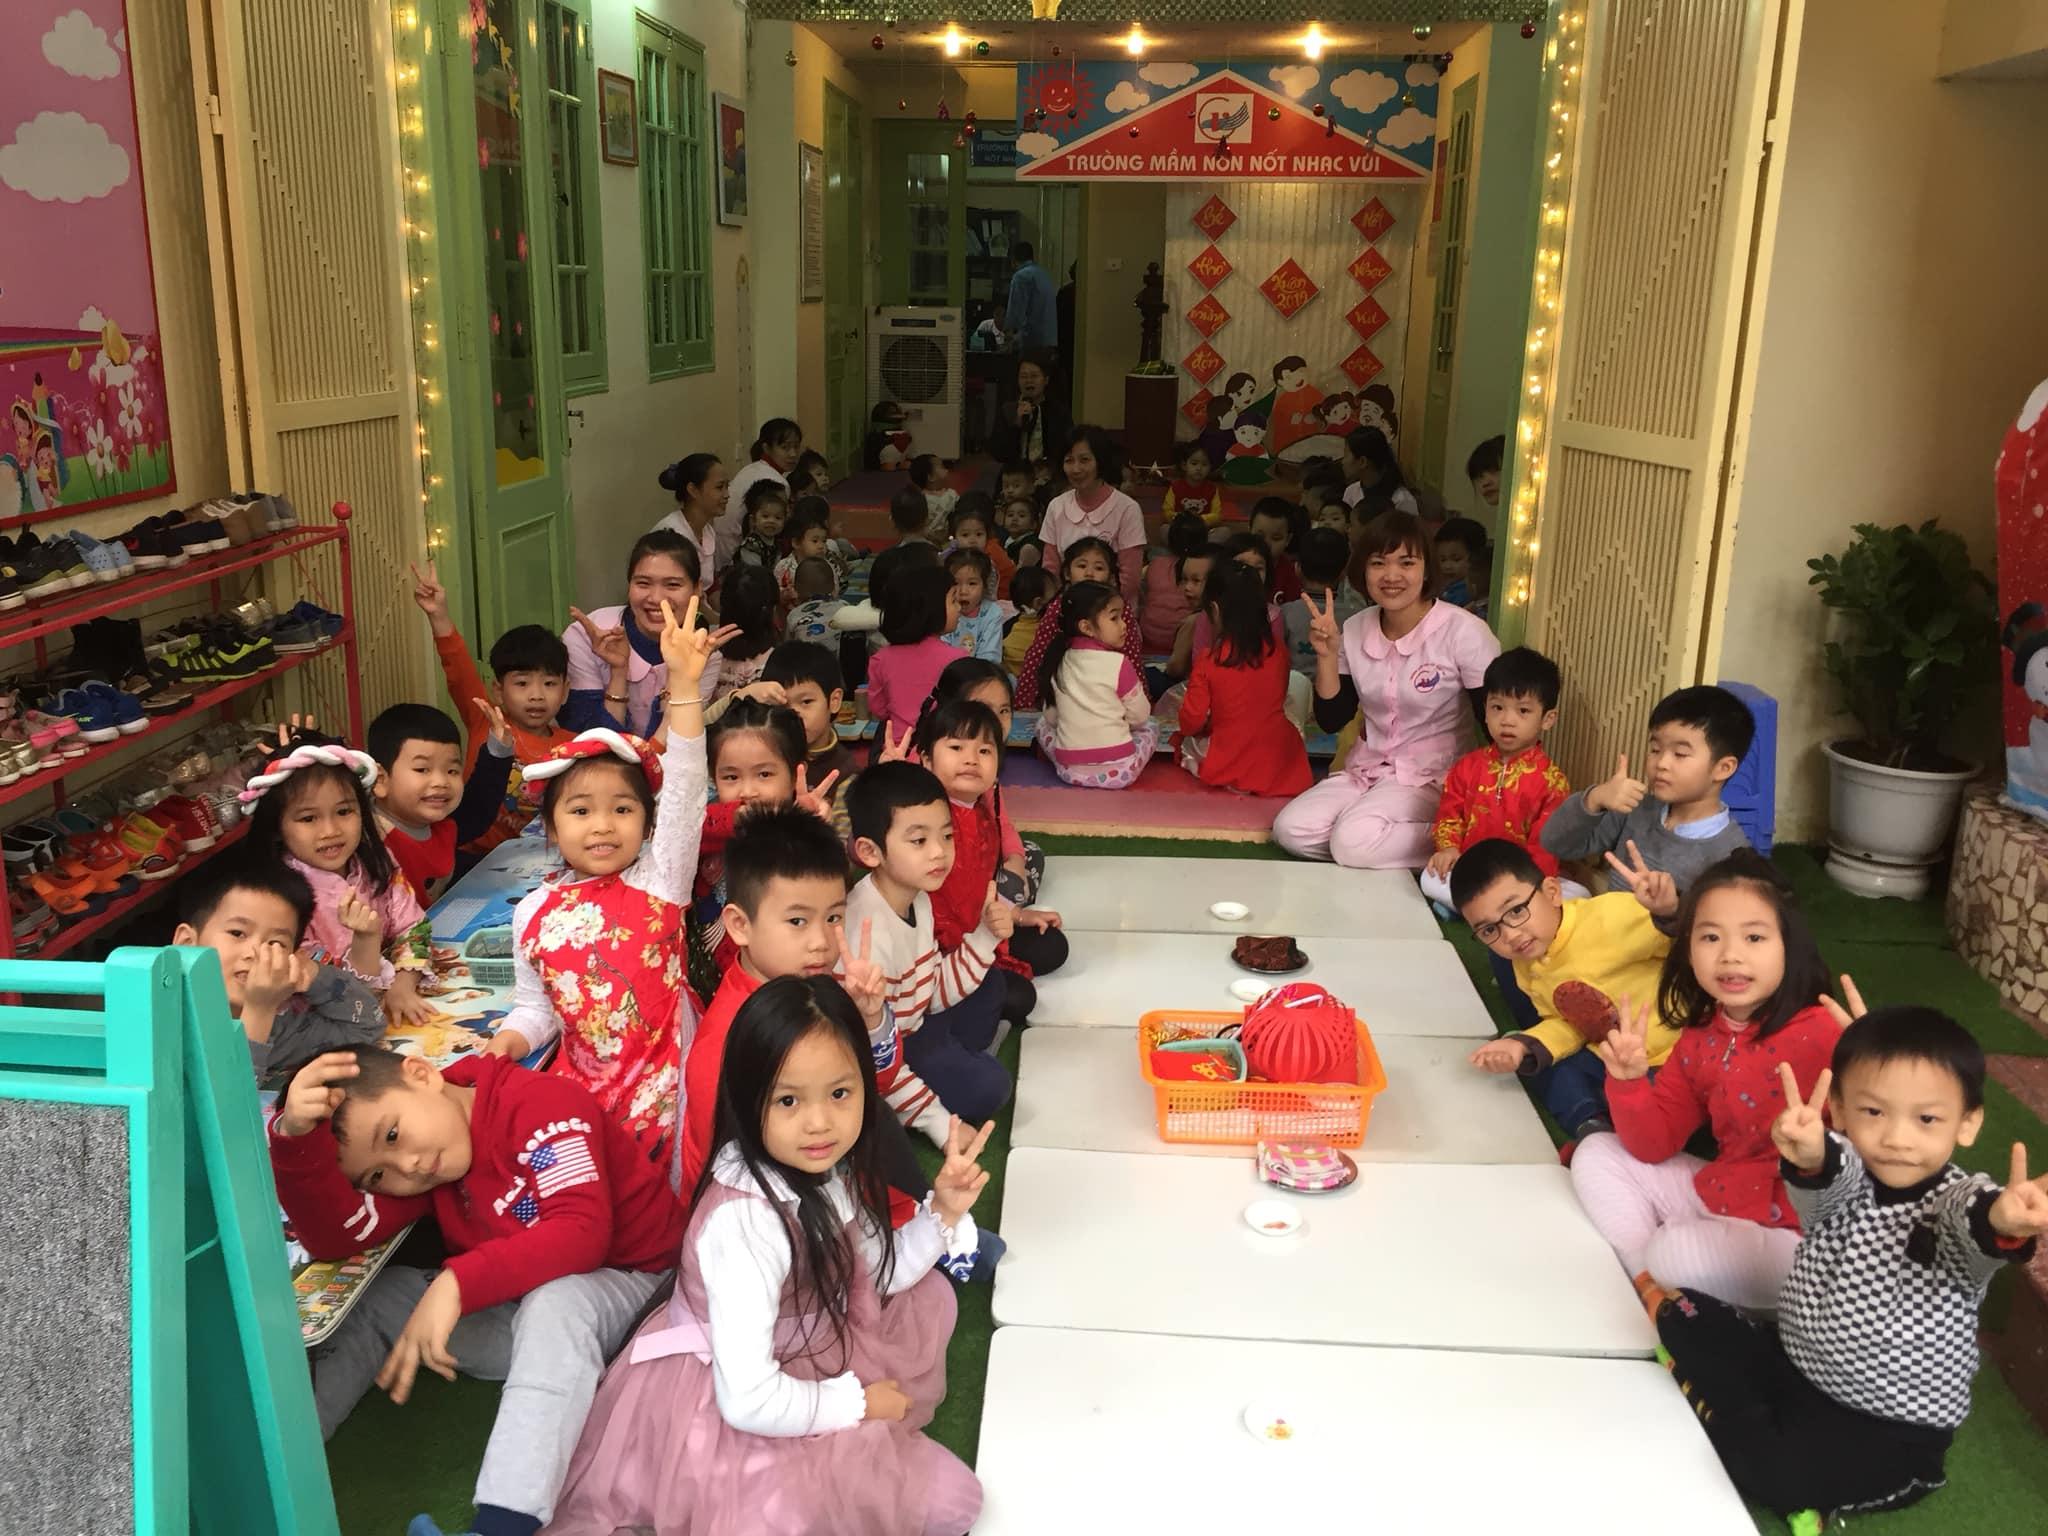 Trường mầm non Nốt Nhạc Vui- Lạc Trung